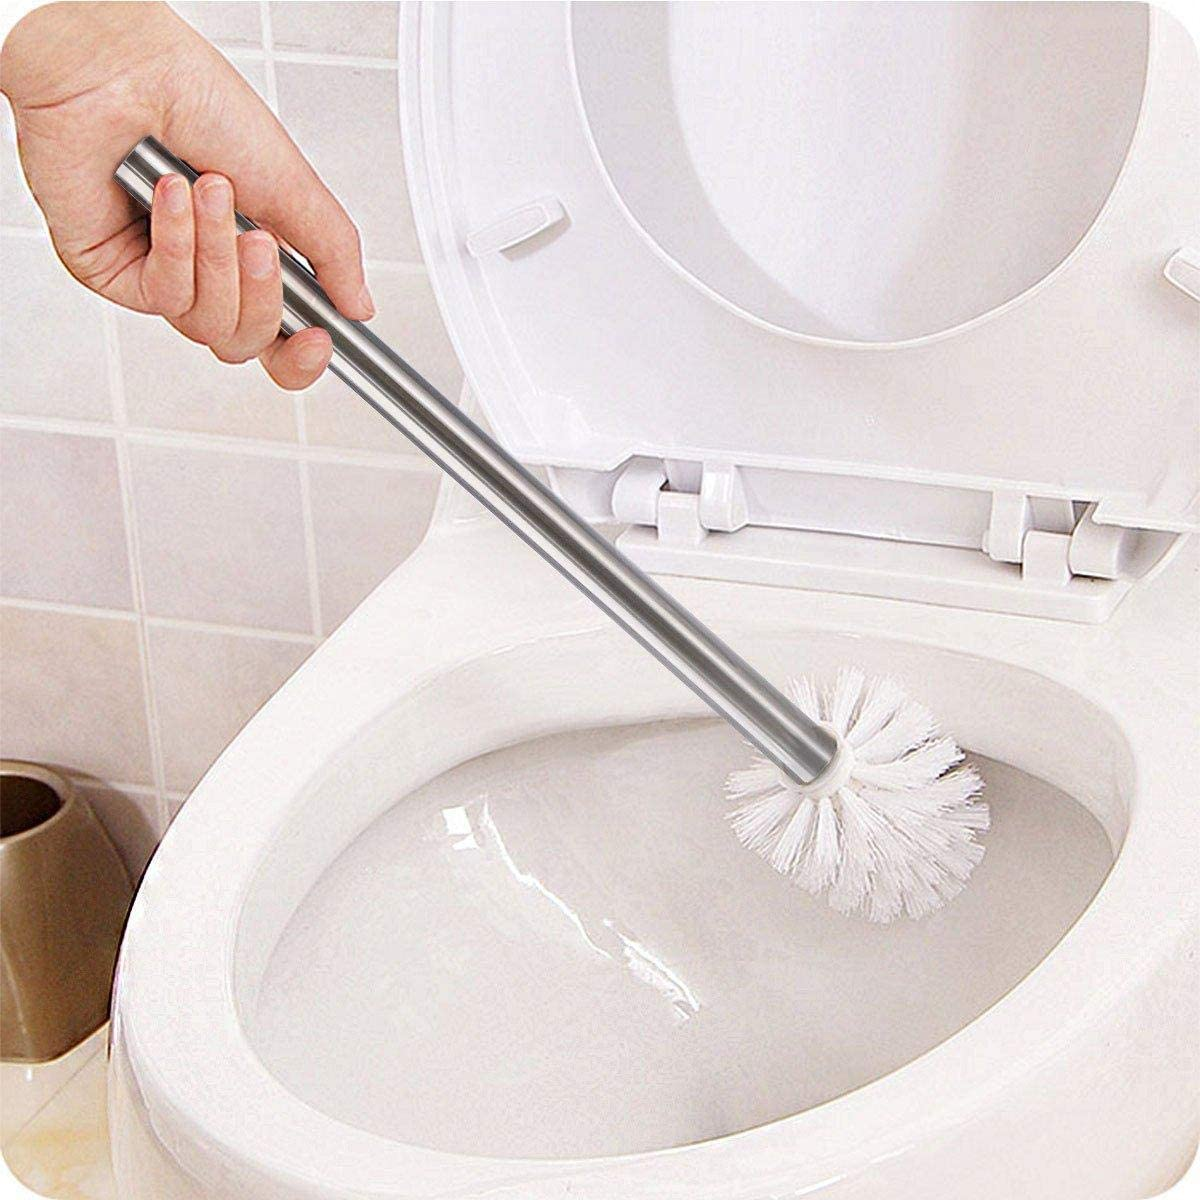 35 x 8 cm Colore: Bianco Spazzola WC Portatile per Bagno WC con Manico in Acciaio Inox Cxssxling